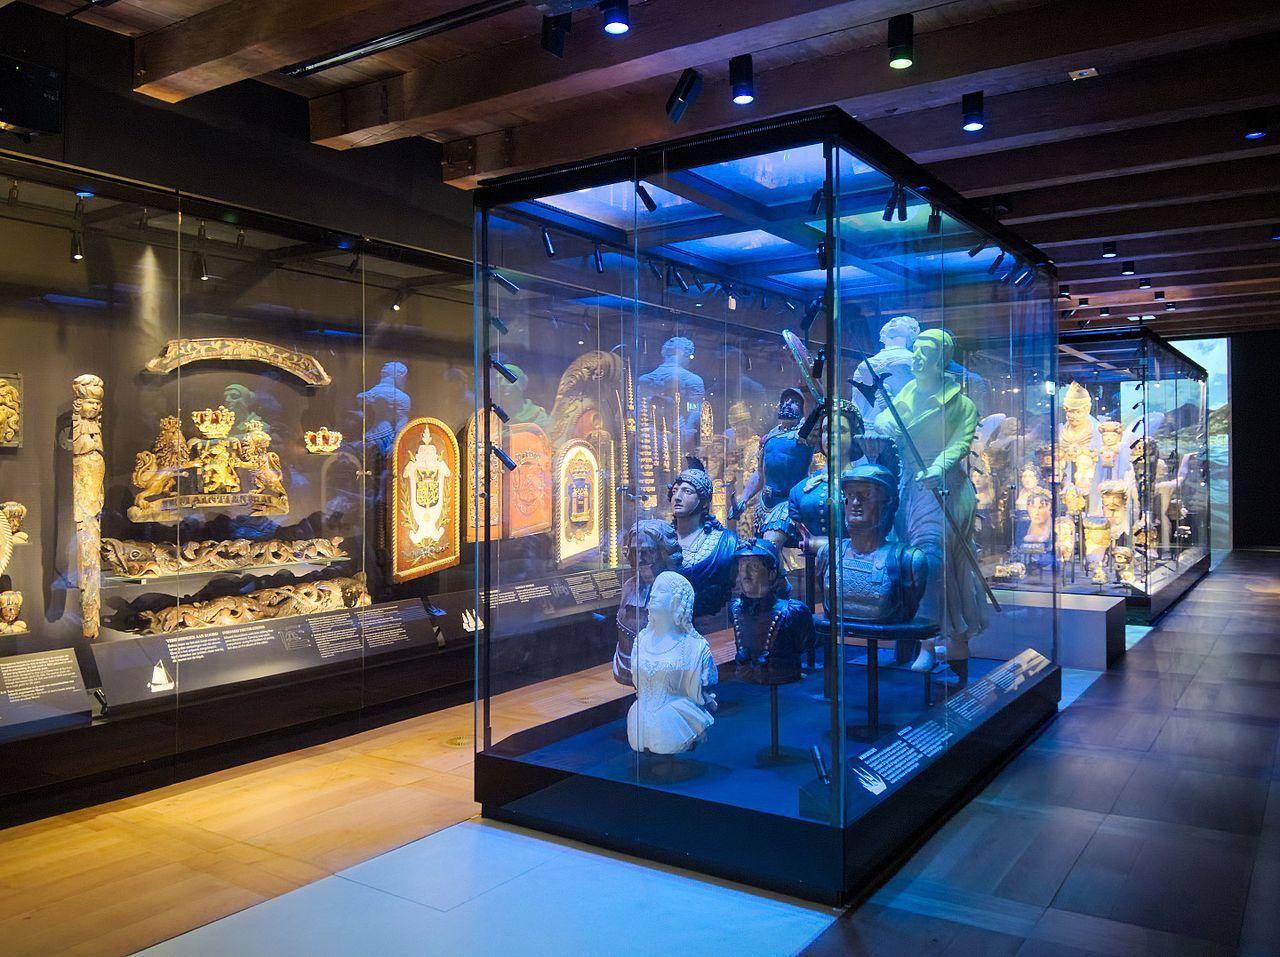 Музей судоходства в Амстердаме, зал корабельных украшений